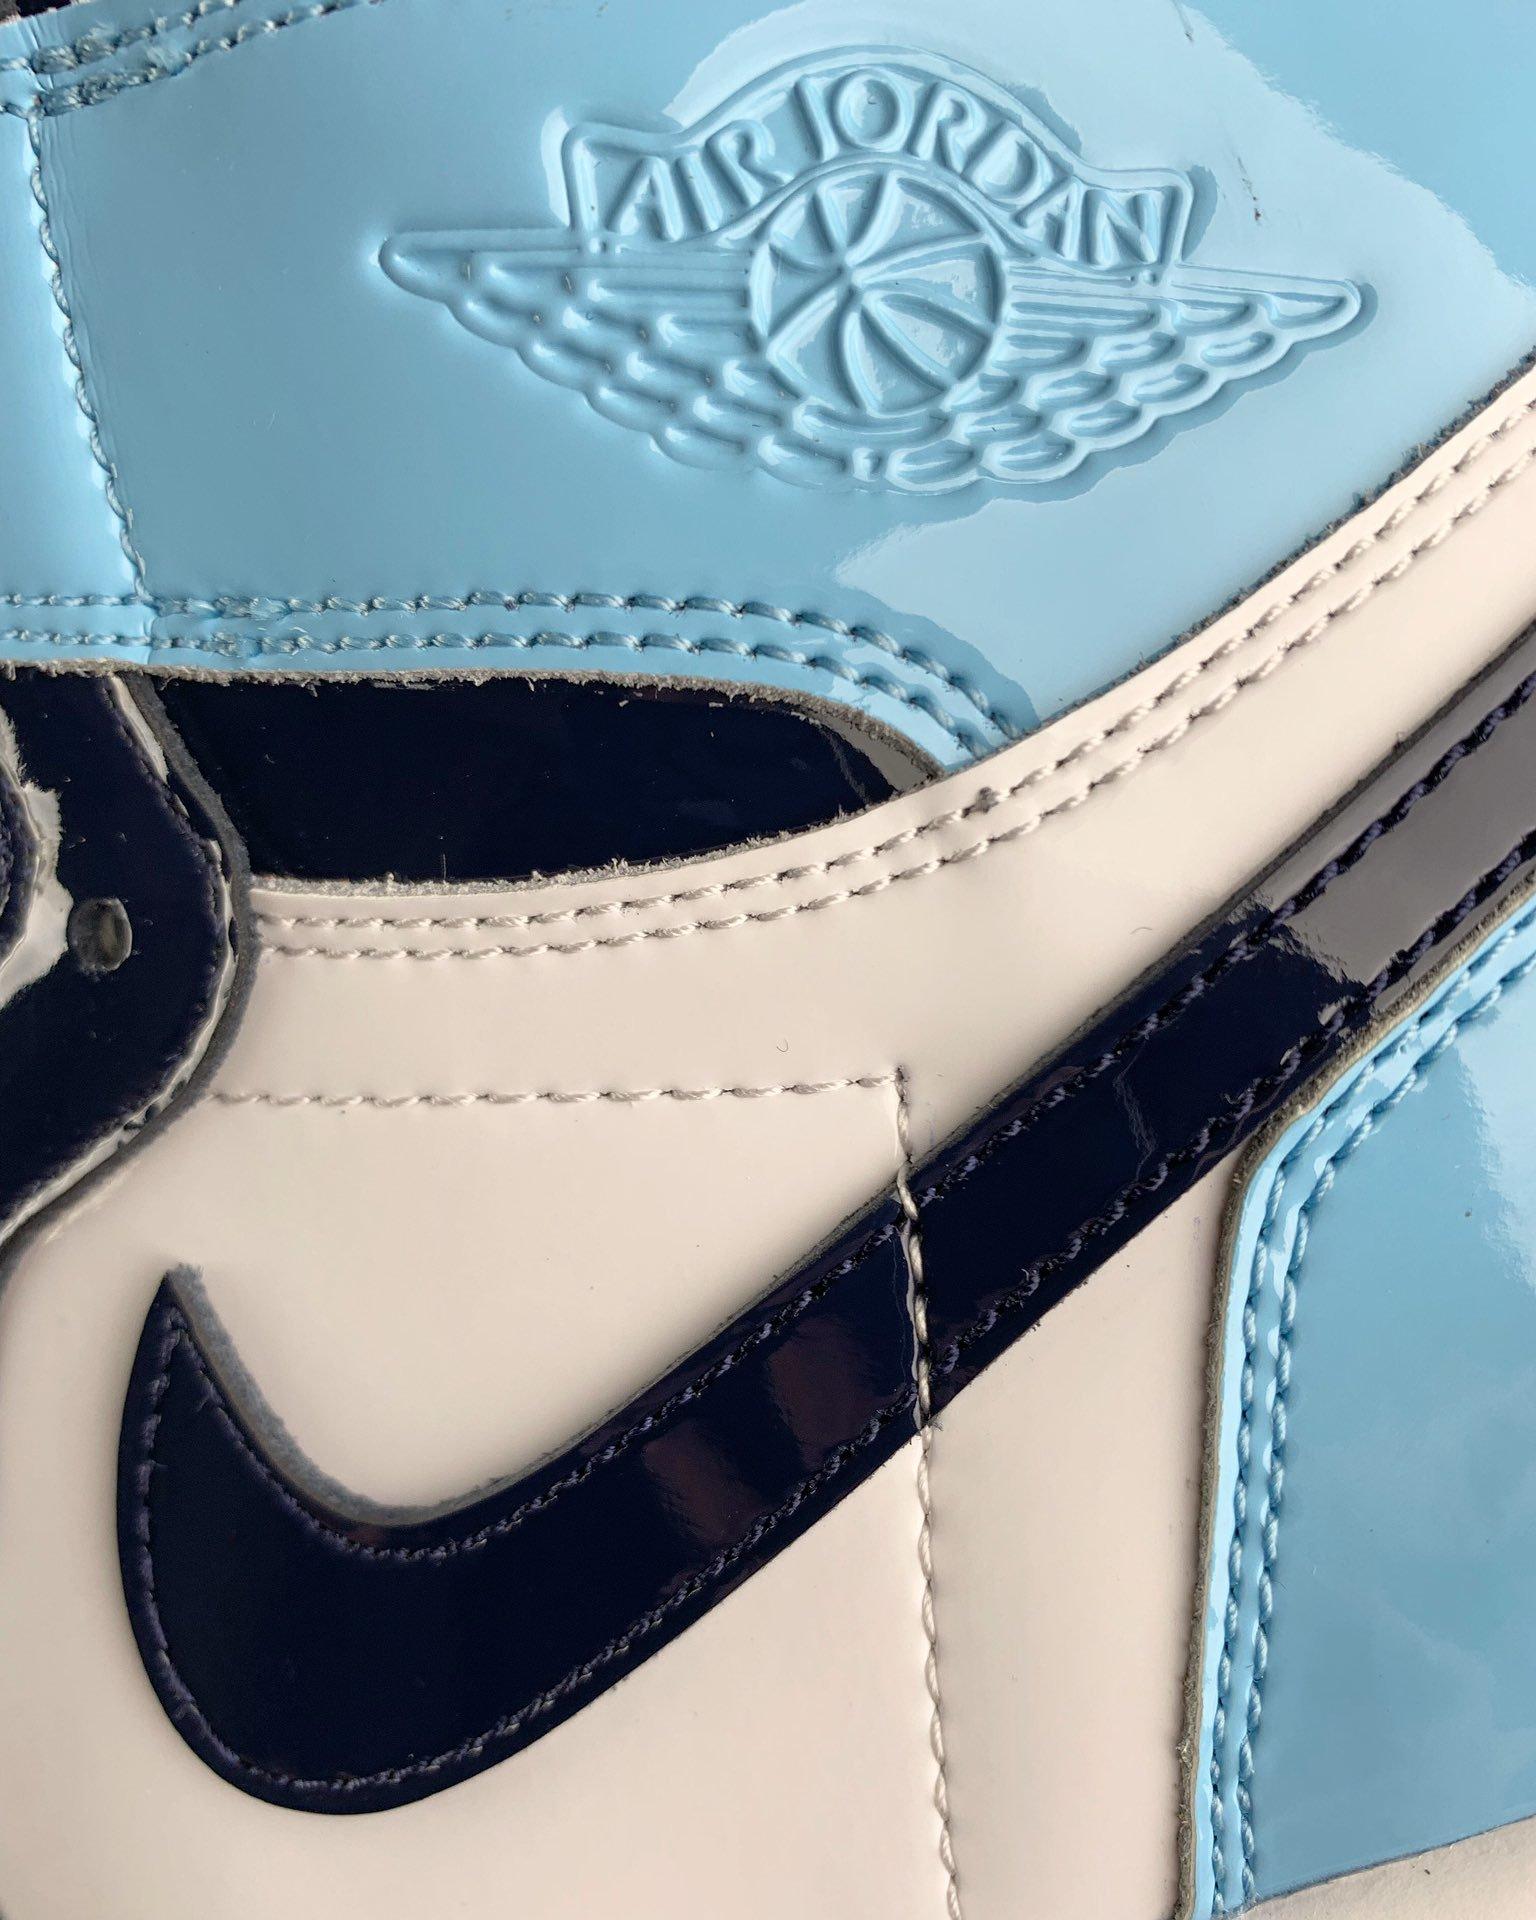 河源血统纯原AJ1全明星 全码补货 尺码40.5-44.5_郴州裸鞋和河源裸鞋